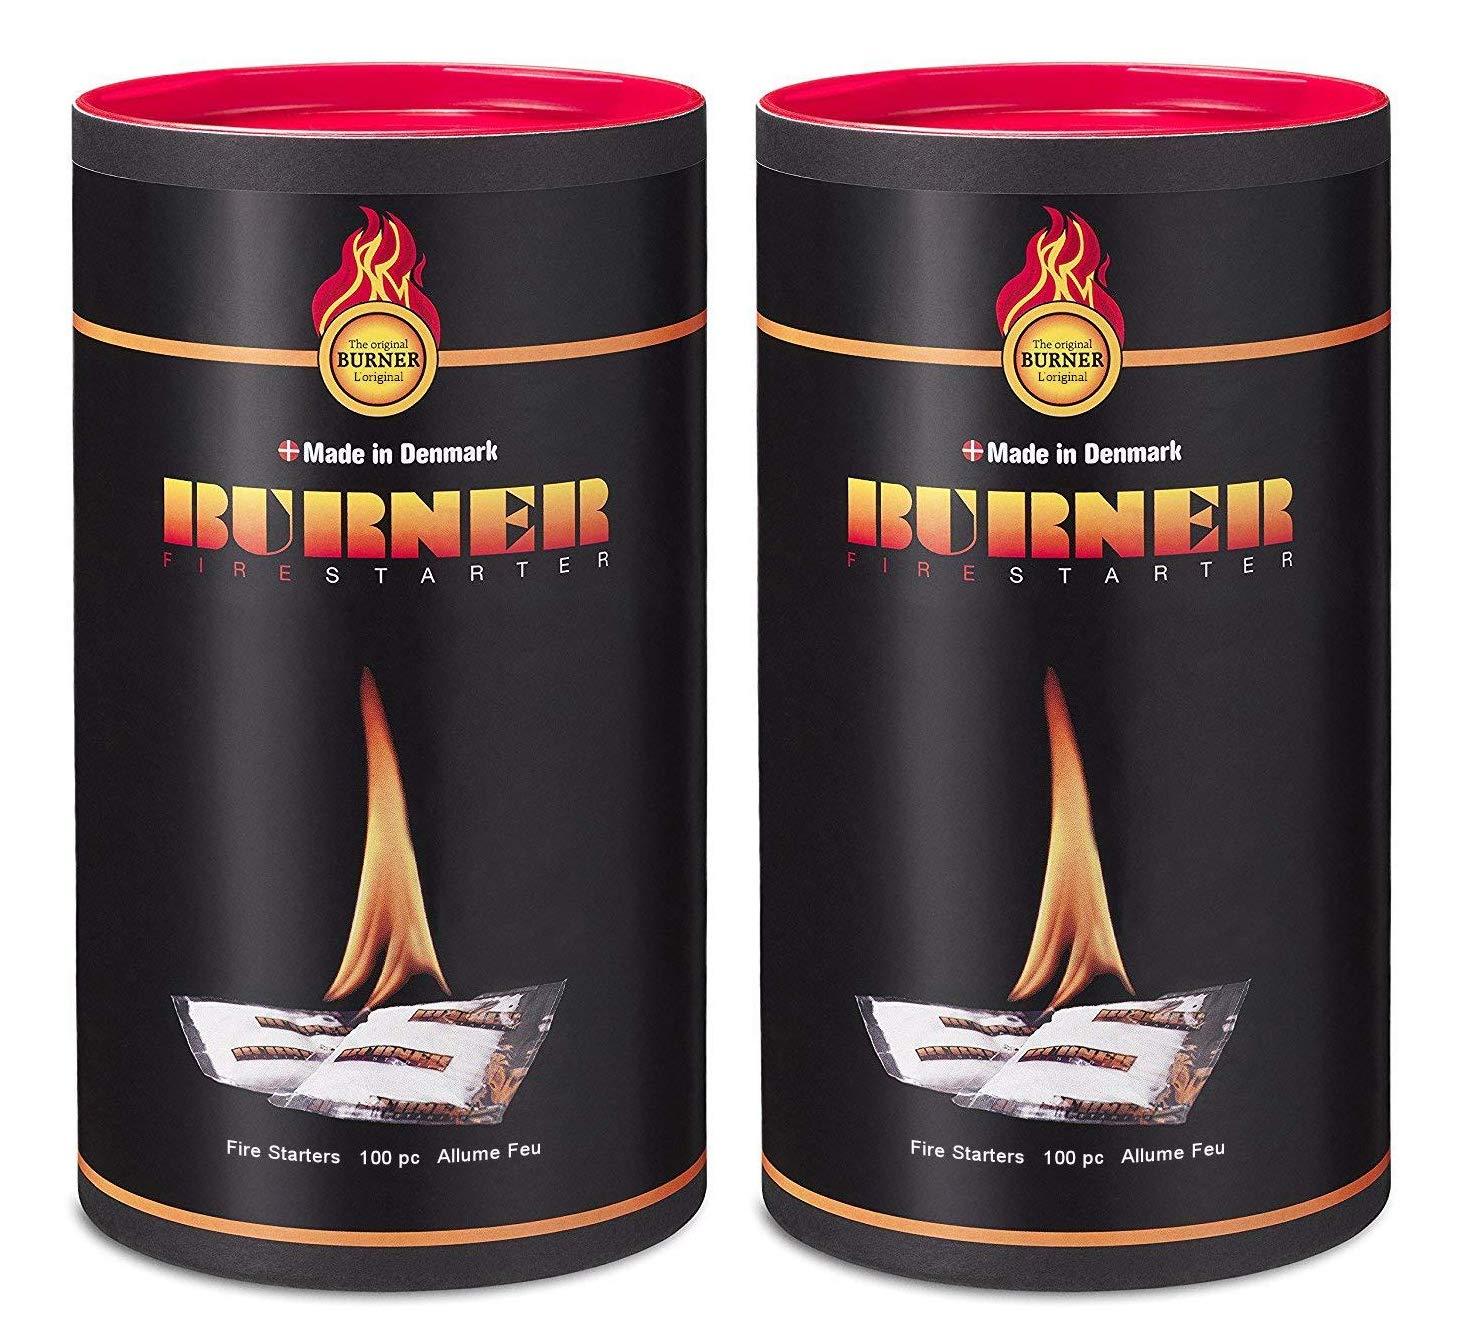 Burner Accendifuoco Ecologico 2 x 100 Pezzi Biologico inodore di Origine Naturale per Barbecue, Camino, Stufa e caminetti - 200 bustine